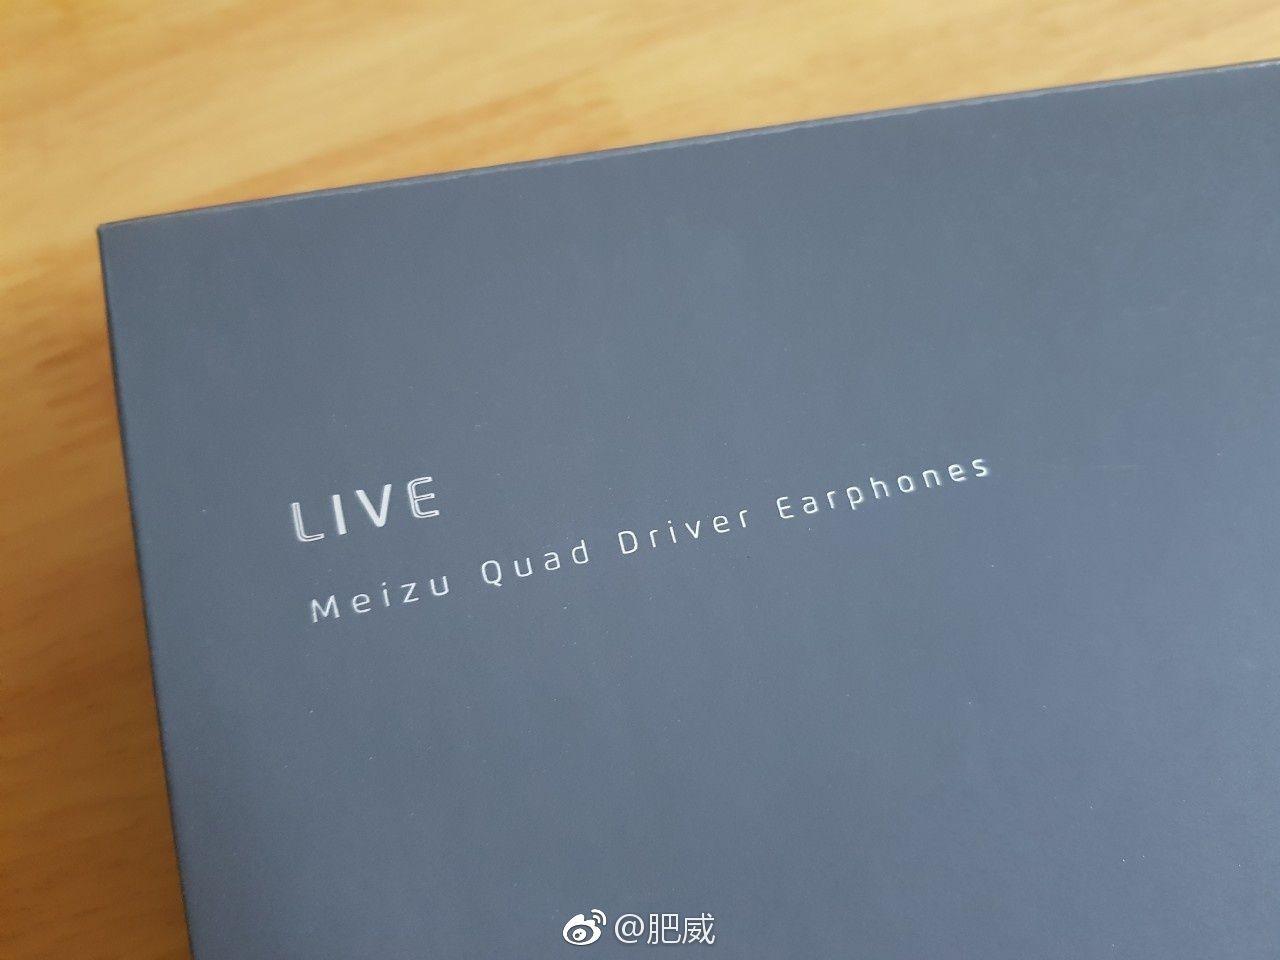 魅藍 S6(Meizu M6s)と同時に発表されるイヤホン「MEIZU LIVE」の箱、ドライバーがリーク